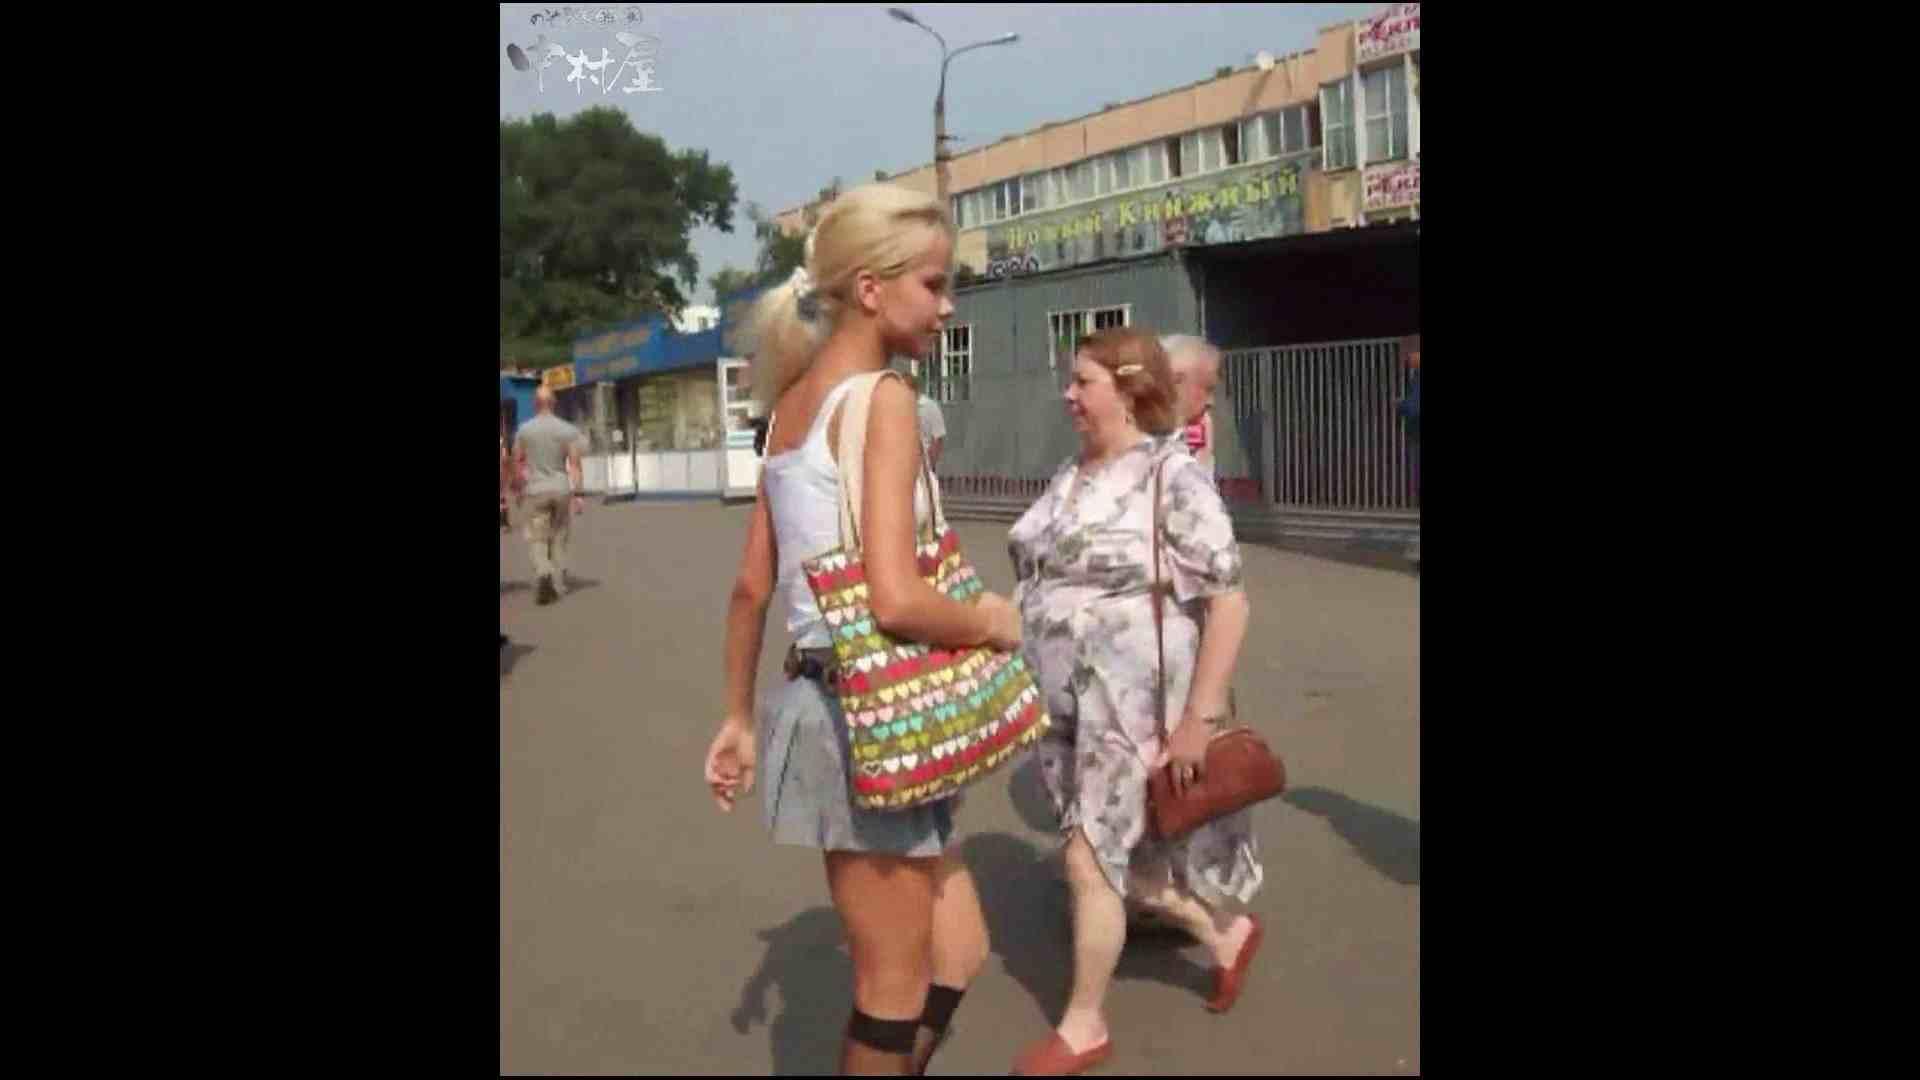 綺麗なモデルさんのスカート捲っちゃおう‼ vol25 モデル AV無料動画キャプチャ 62連発 41